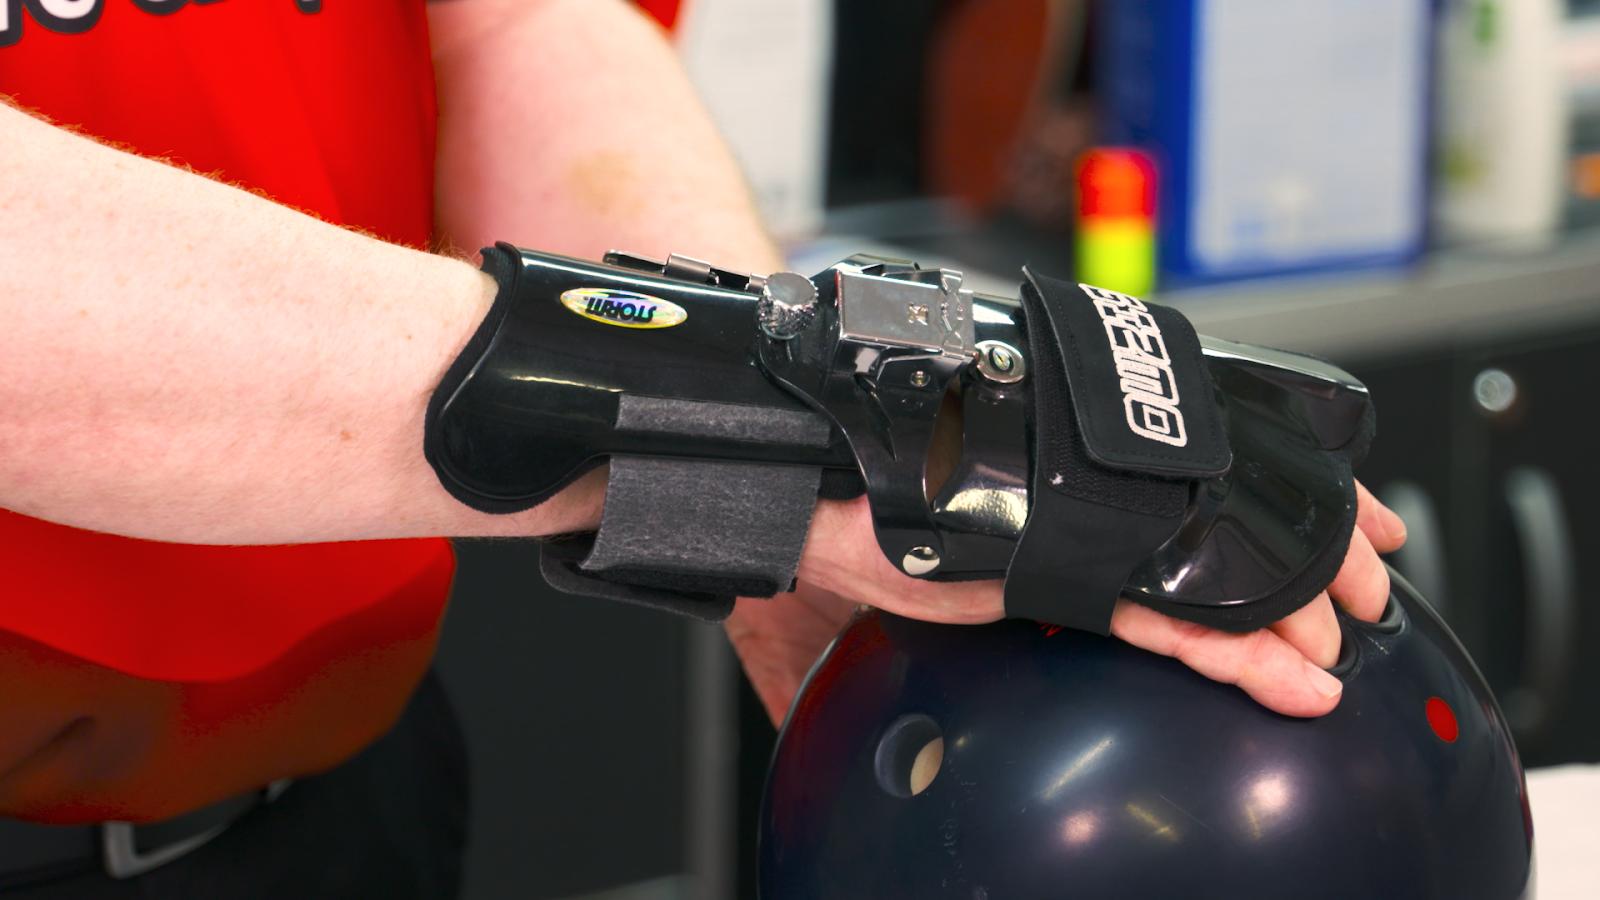 Wrist Device 1